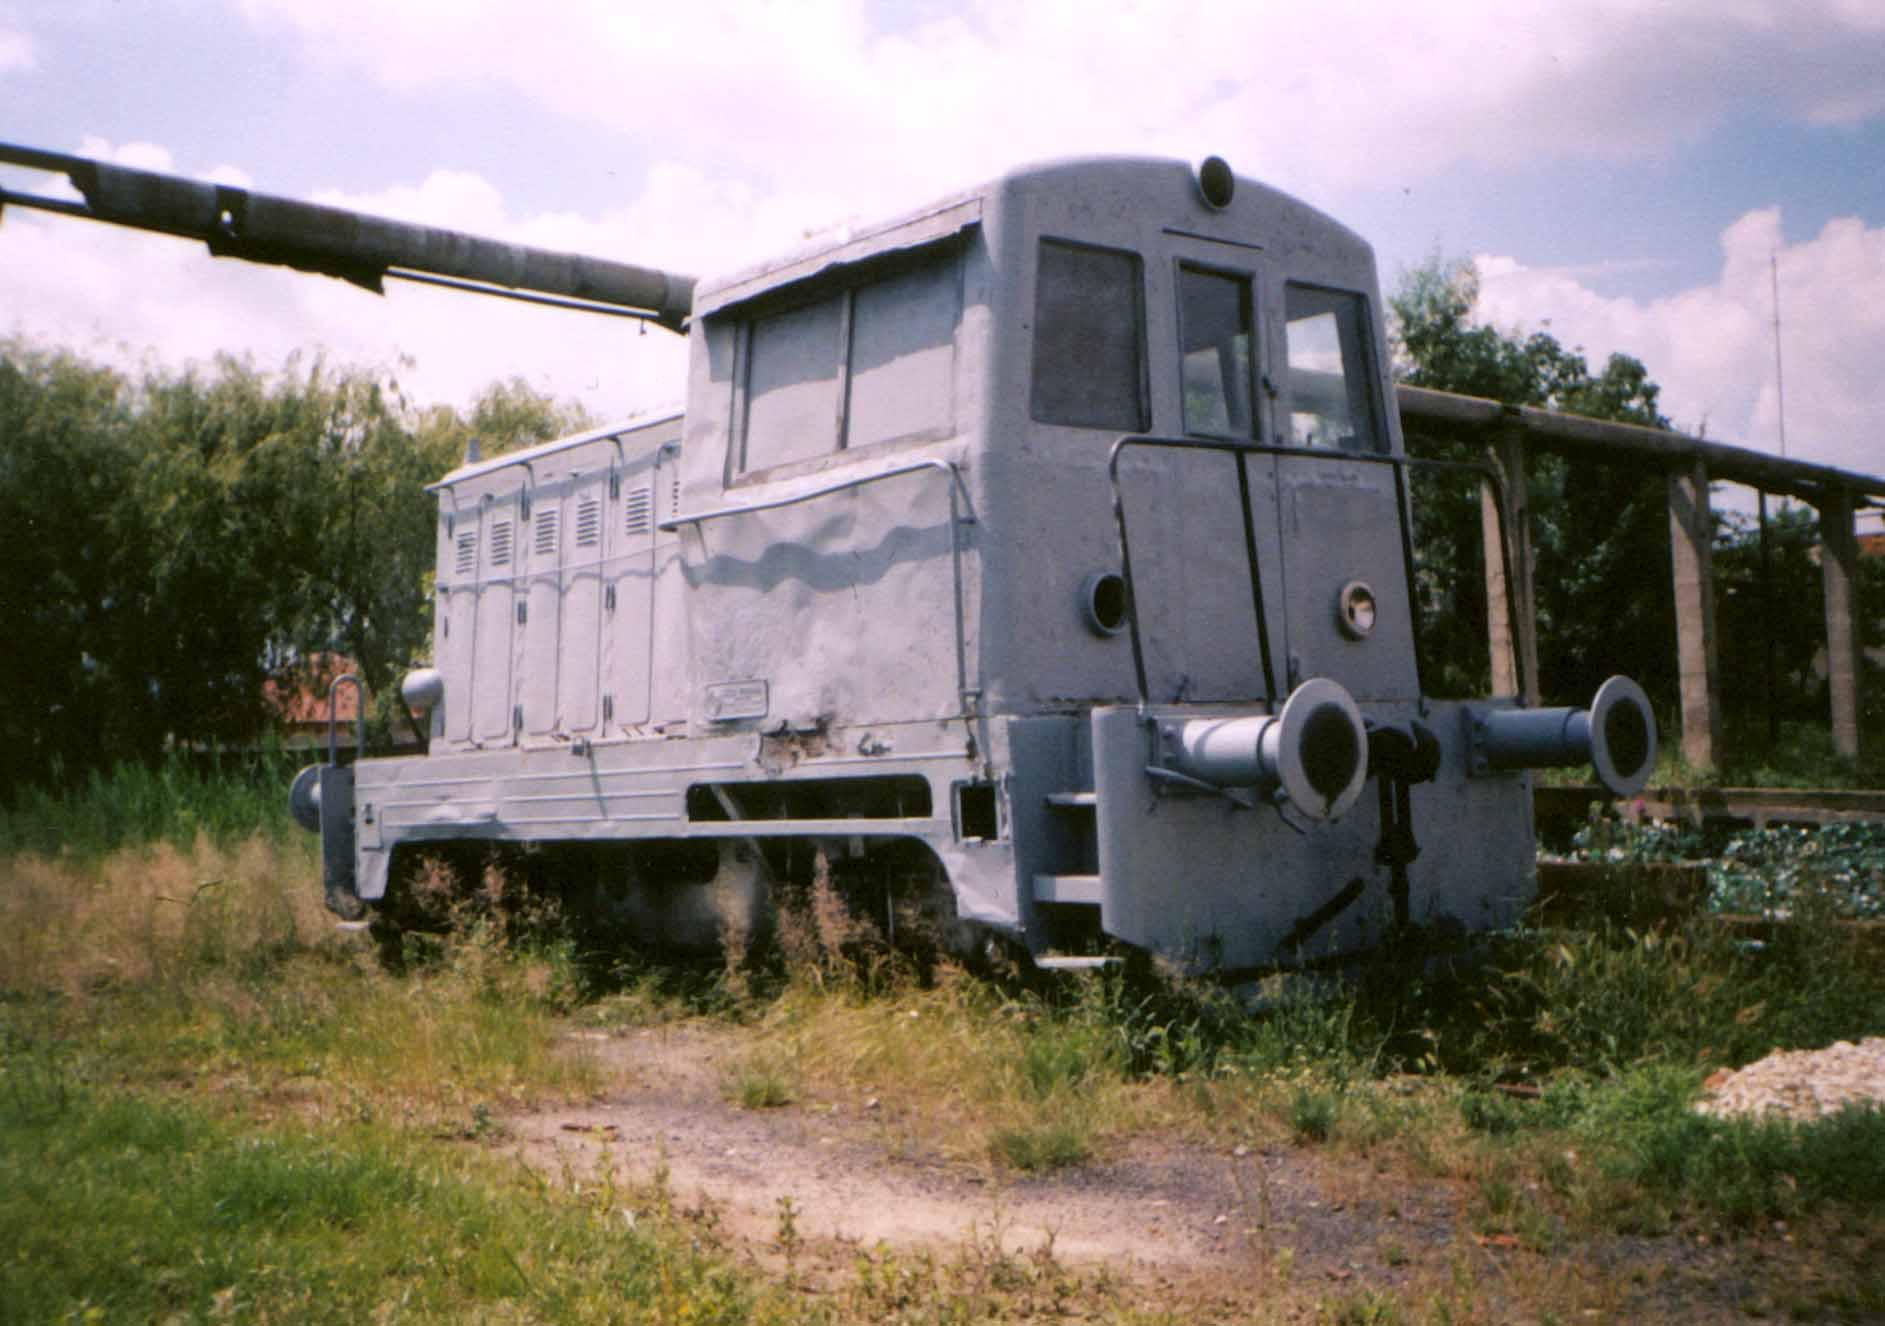 Die umgebaute Tatra-Lok hat im Sommer 2001 einen neuen Anstrich bekommen, ist jedoch nicht mehr betriebsfähig.